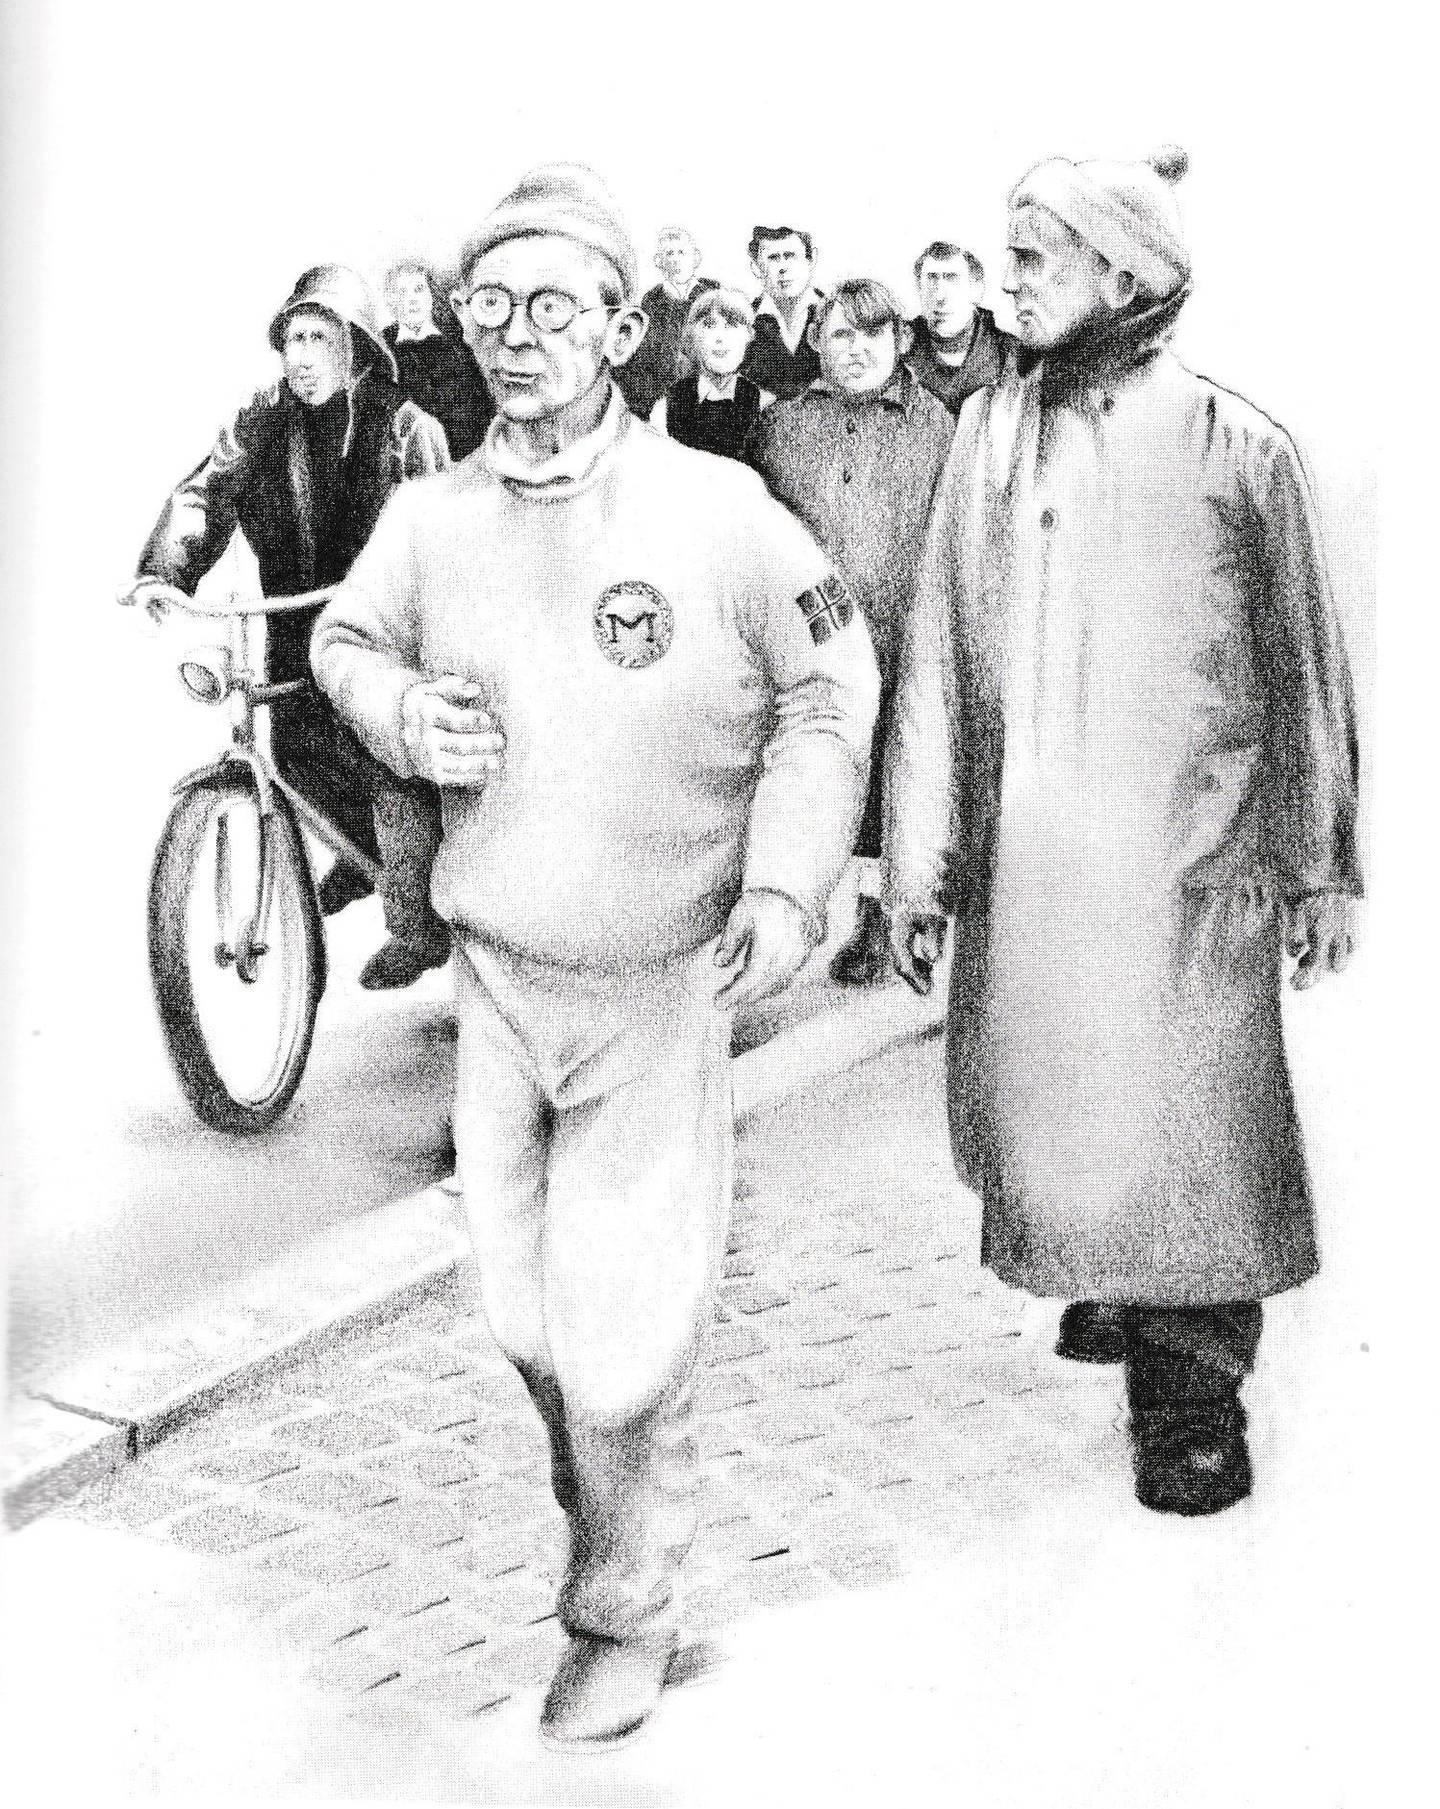 """Den vandrende skomaker fra Moss. Karl Arthur Andersen. """"Skomakeren som gikk fra sin lest"""". Fra boka Byoriginaler"""" av Frank Berg."""